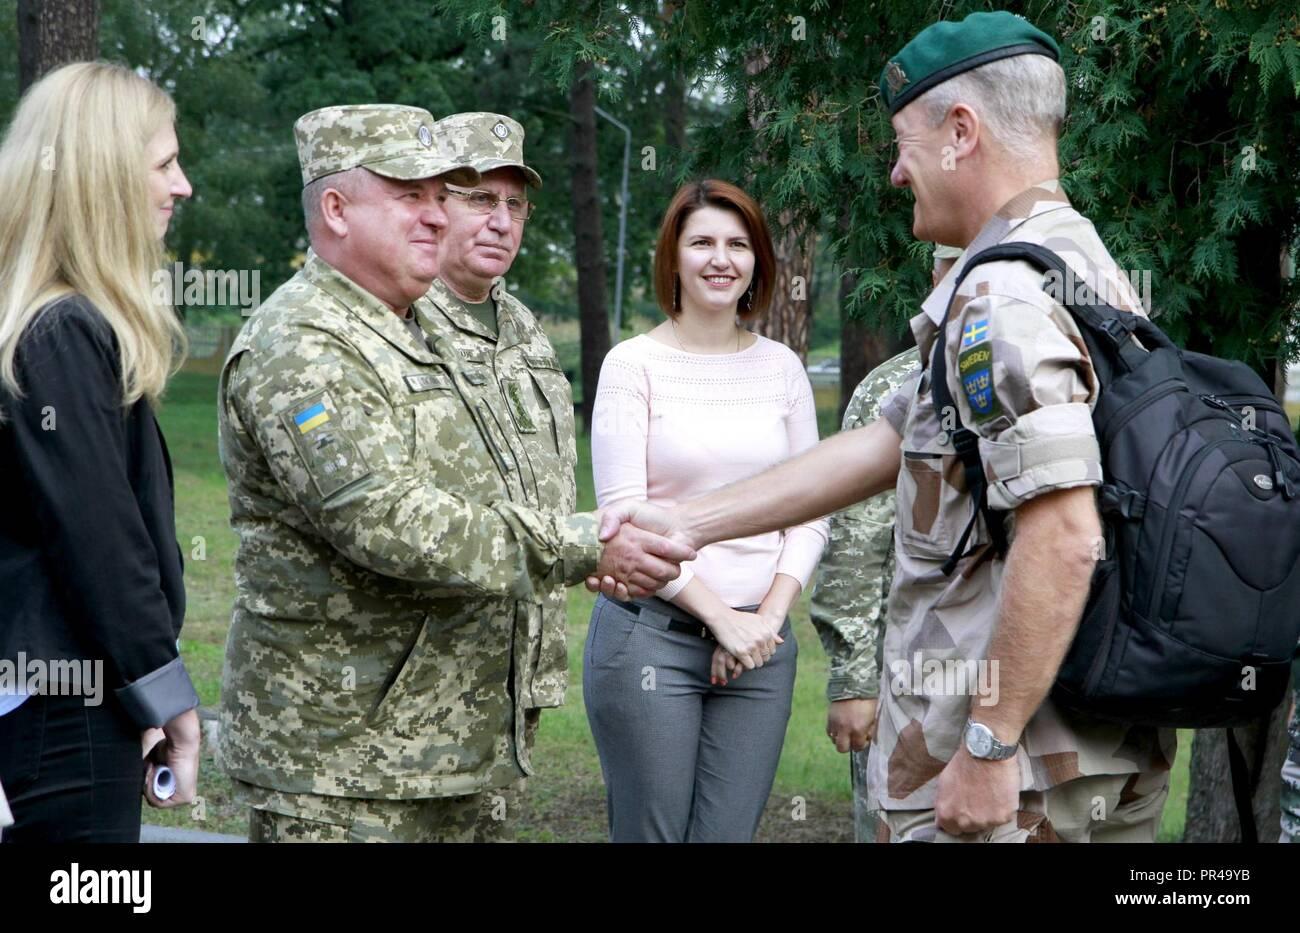 Ukrainische Col. Gen. 363 Popko (links), Kommandeur der ukrainischen Land Kräfte Befehl begrüßt einen schwedischen Vertreter, für schnelle Trident Gast tag Sept. 7 an der internationalen Friedenssicherung Security Center in der Nähe von Yavoriv, Ukraine unterschieden. Stockfoto